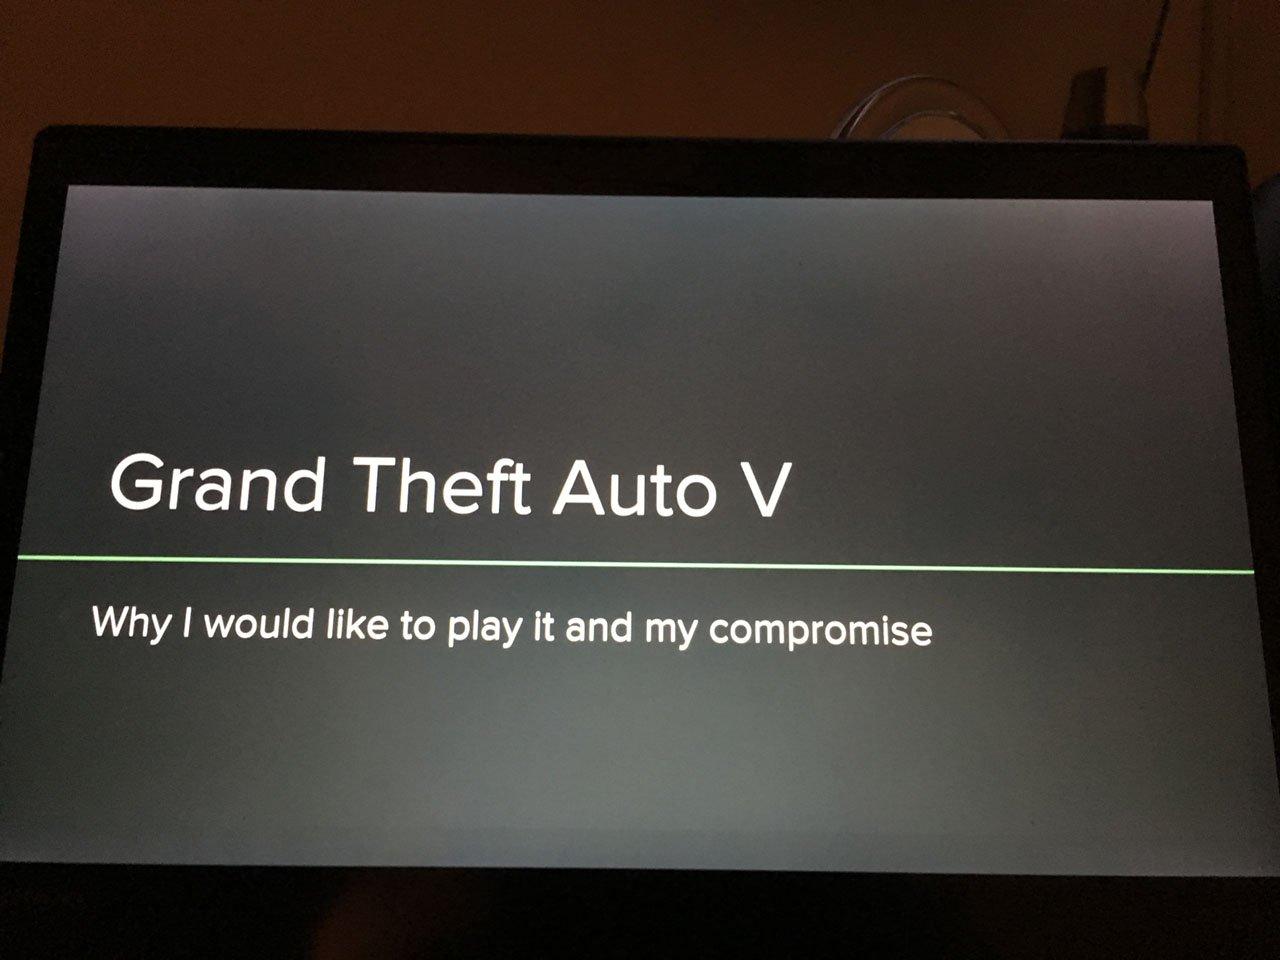 13-летний мальчик убедил родителей купить ему GTA V с помощью презентации в PowerPoint - Изображение 1